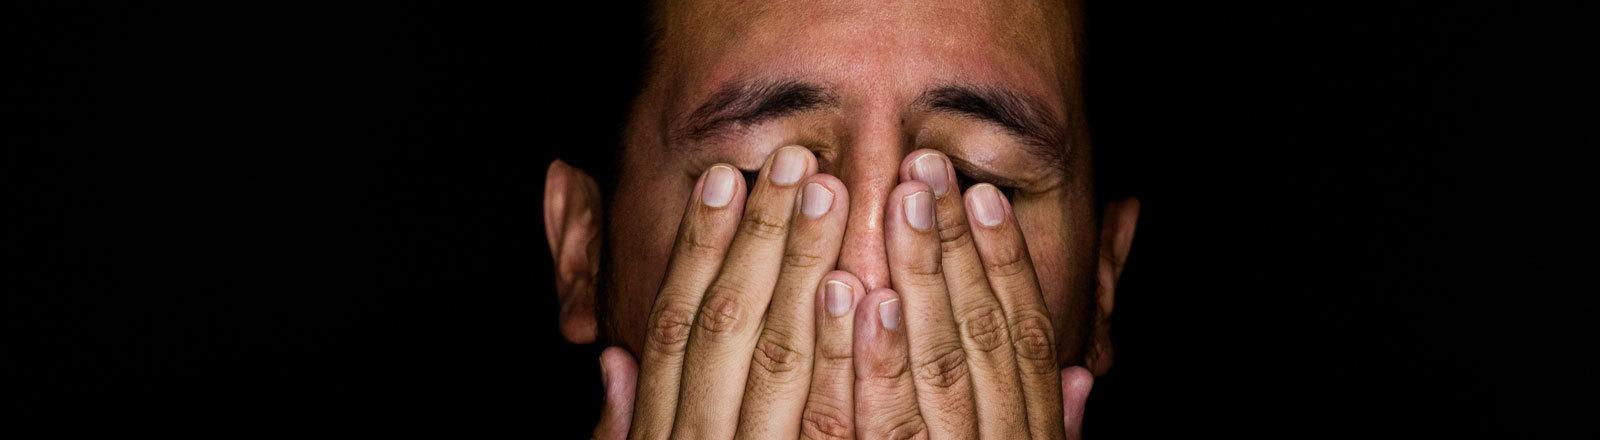 Mann schlägt Hände vors Gesicht.